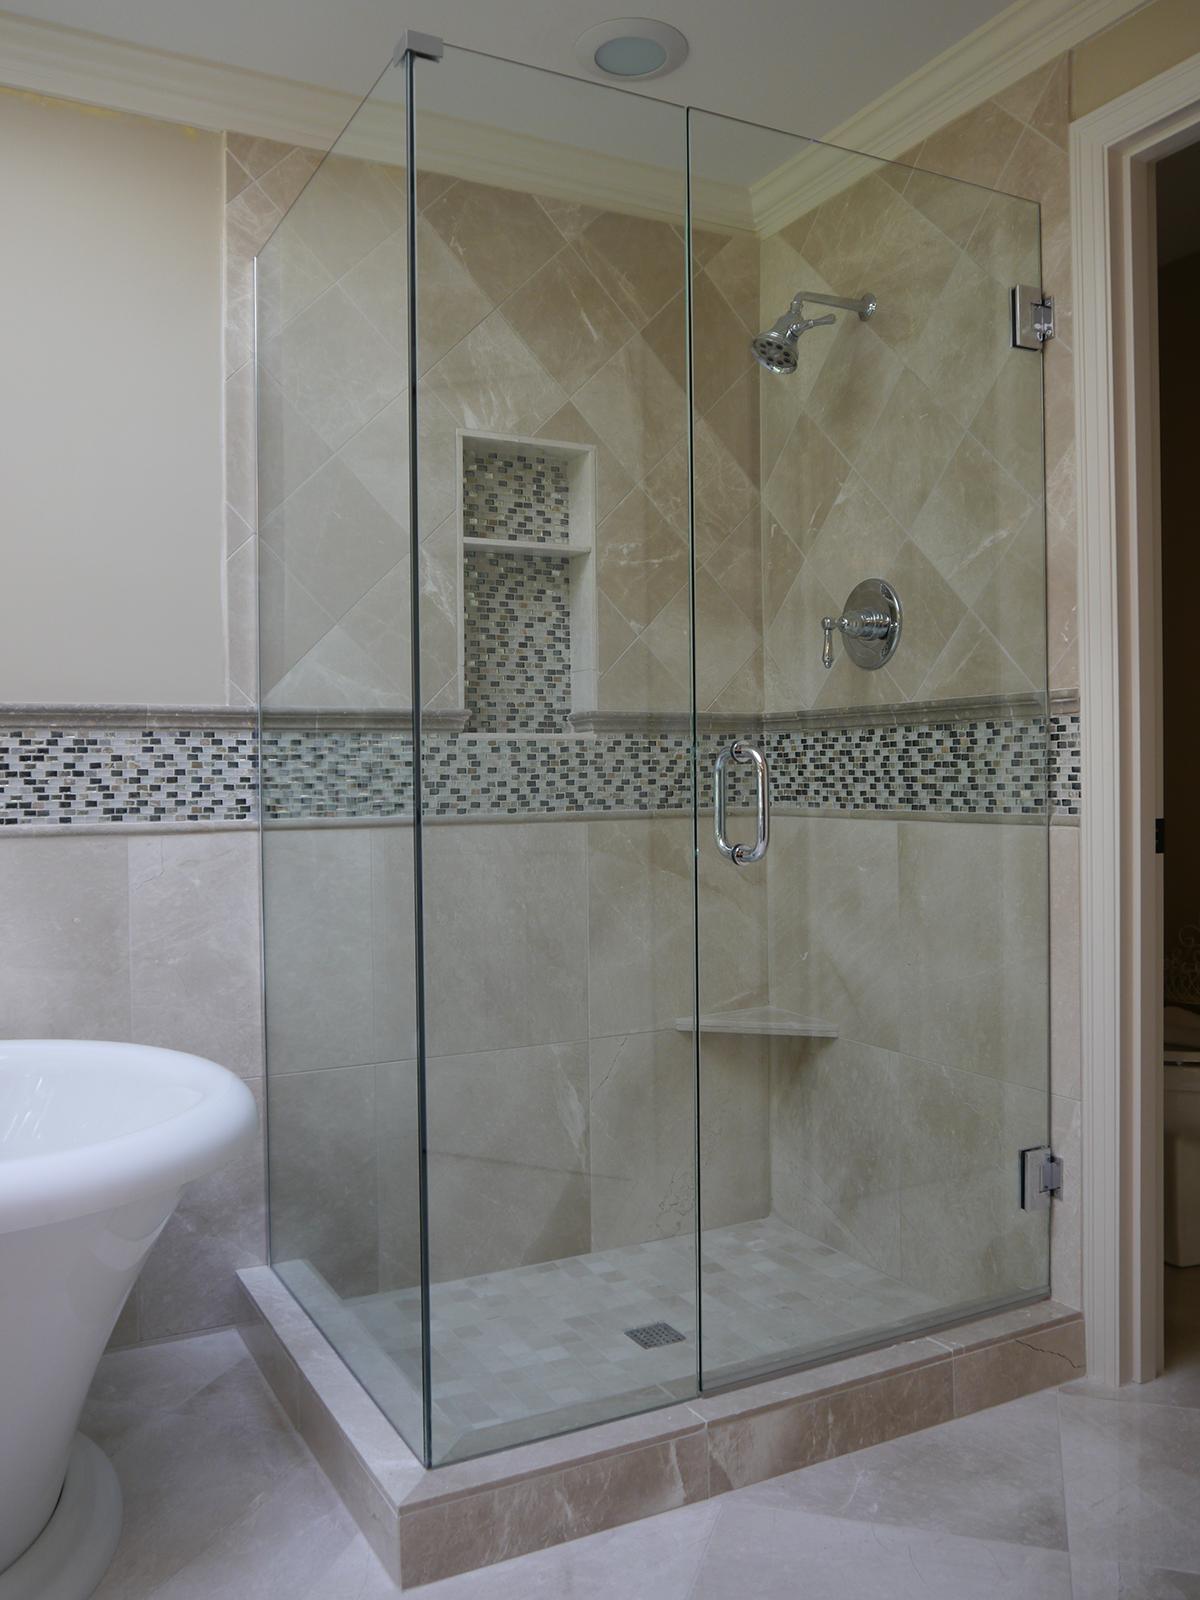 Shower Doors U0026 Fixtures   Innovative Kitchen U0026 Bath